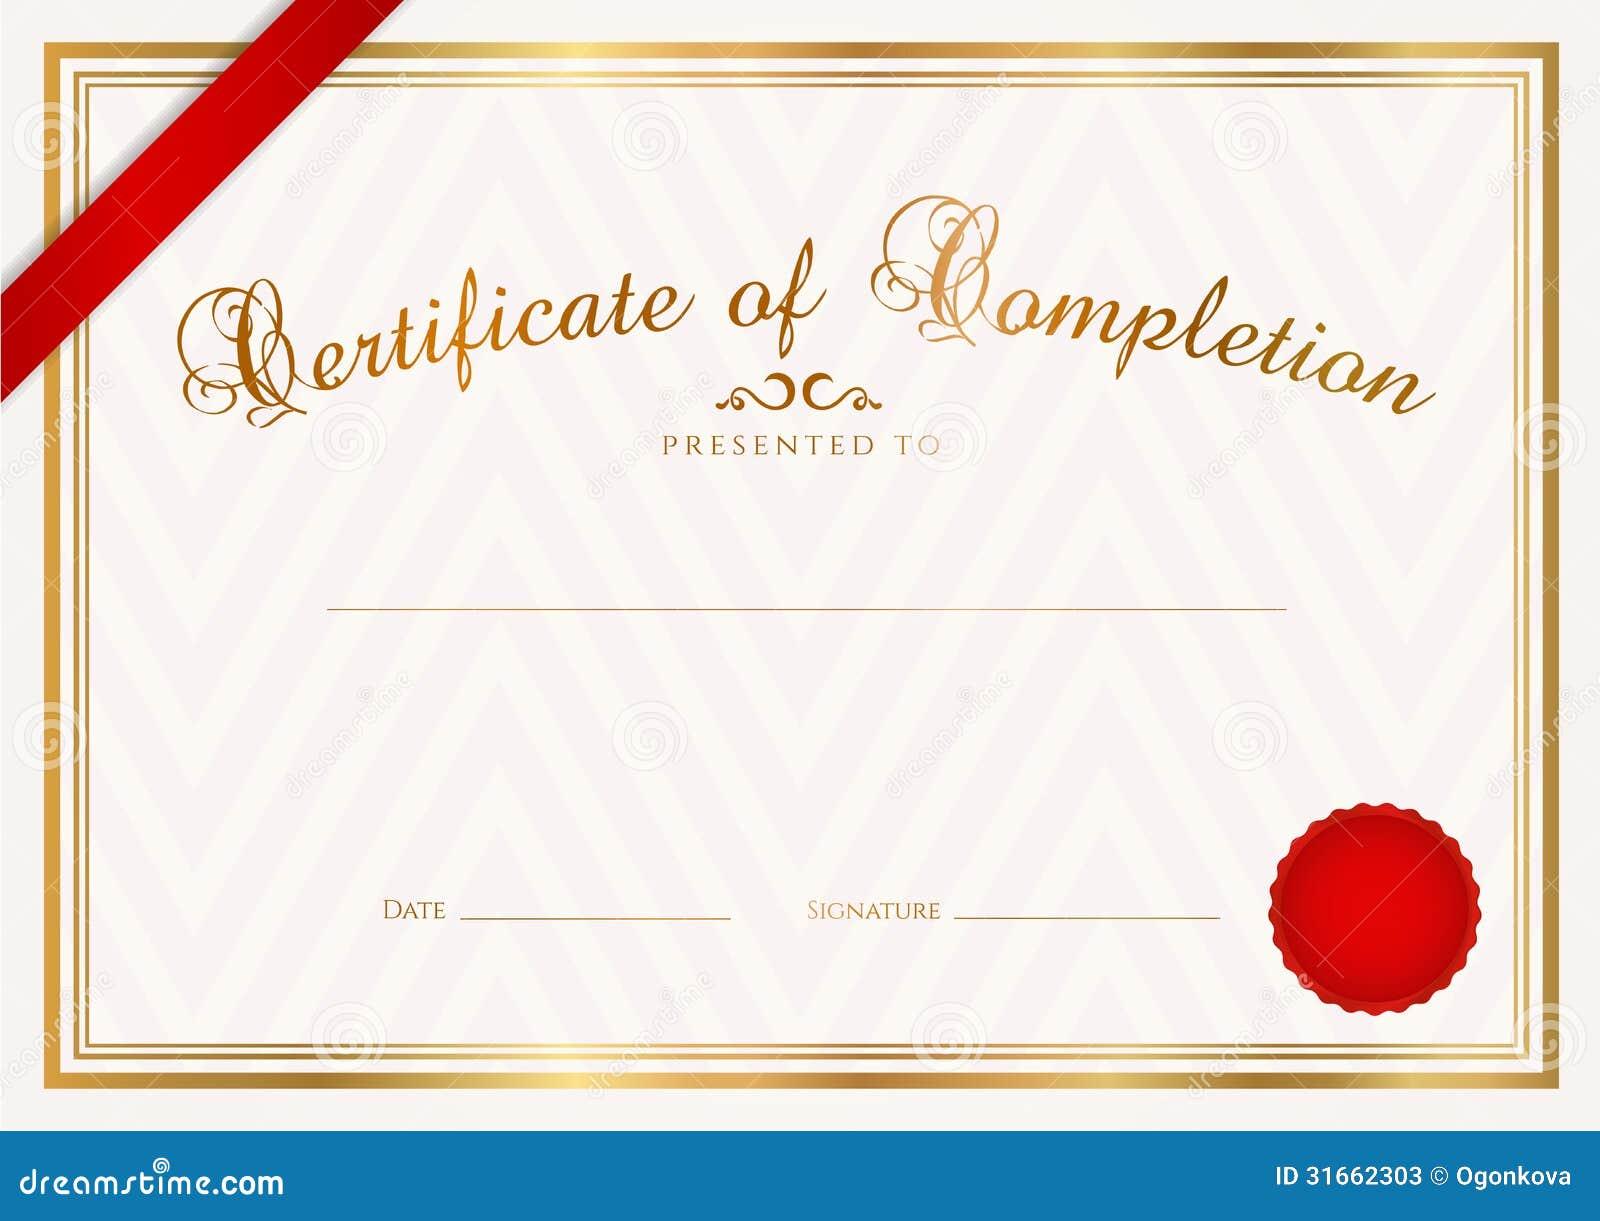 Fondo Del Certificado/del Diploma (plantilla) Fotos de archivo ...